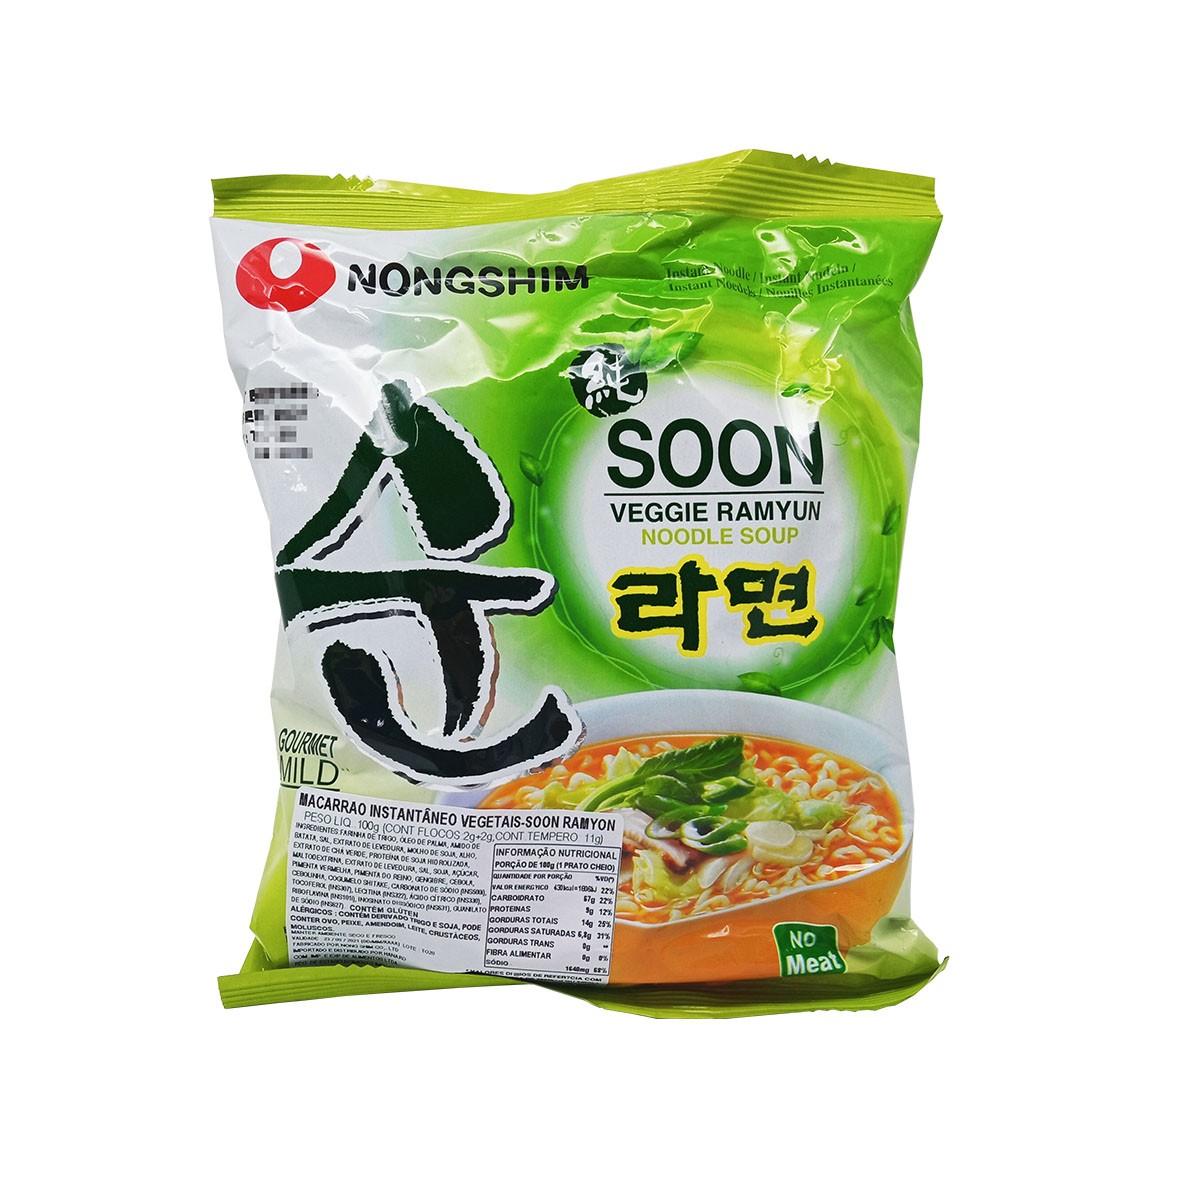 Macarrão Lamen Coreano Soon Veggie Ramyun 100g - NongShim